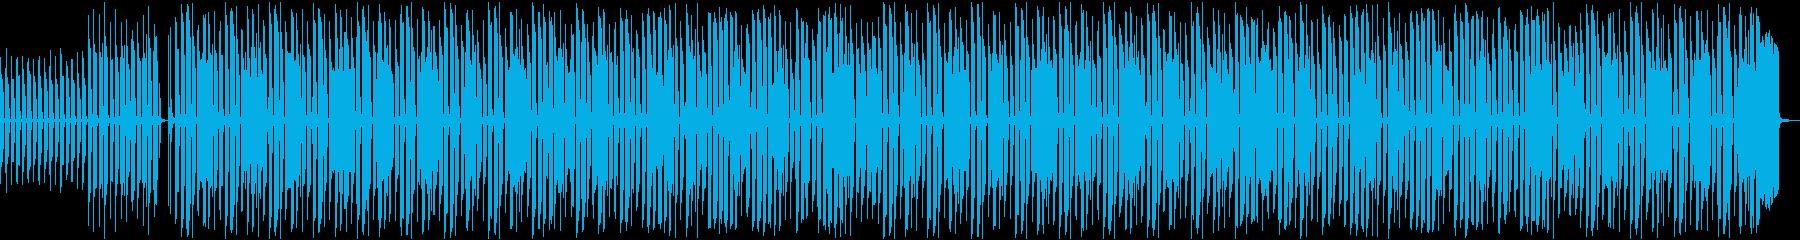 平凡・普通・ほのぼの・日常の再生済みの波形